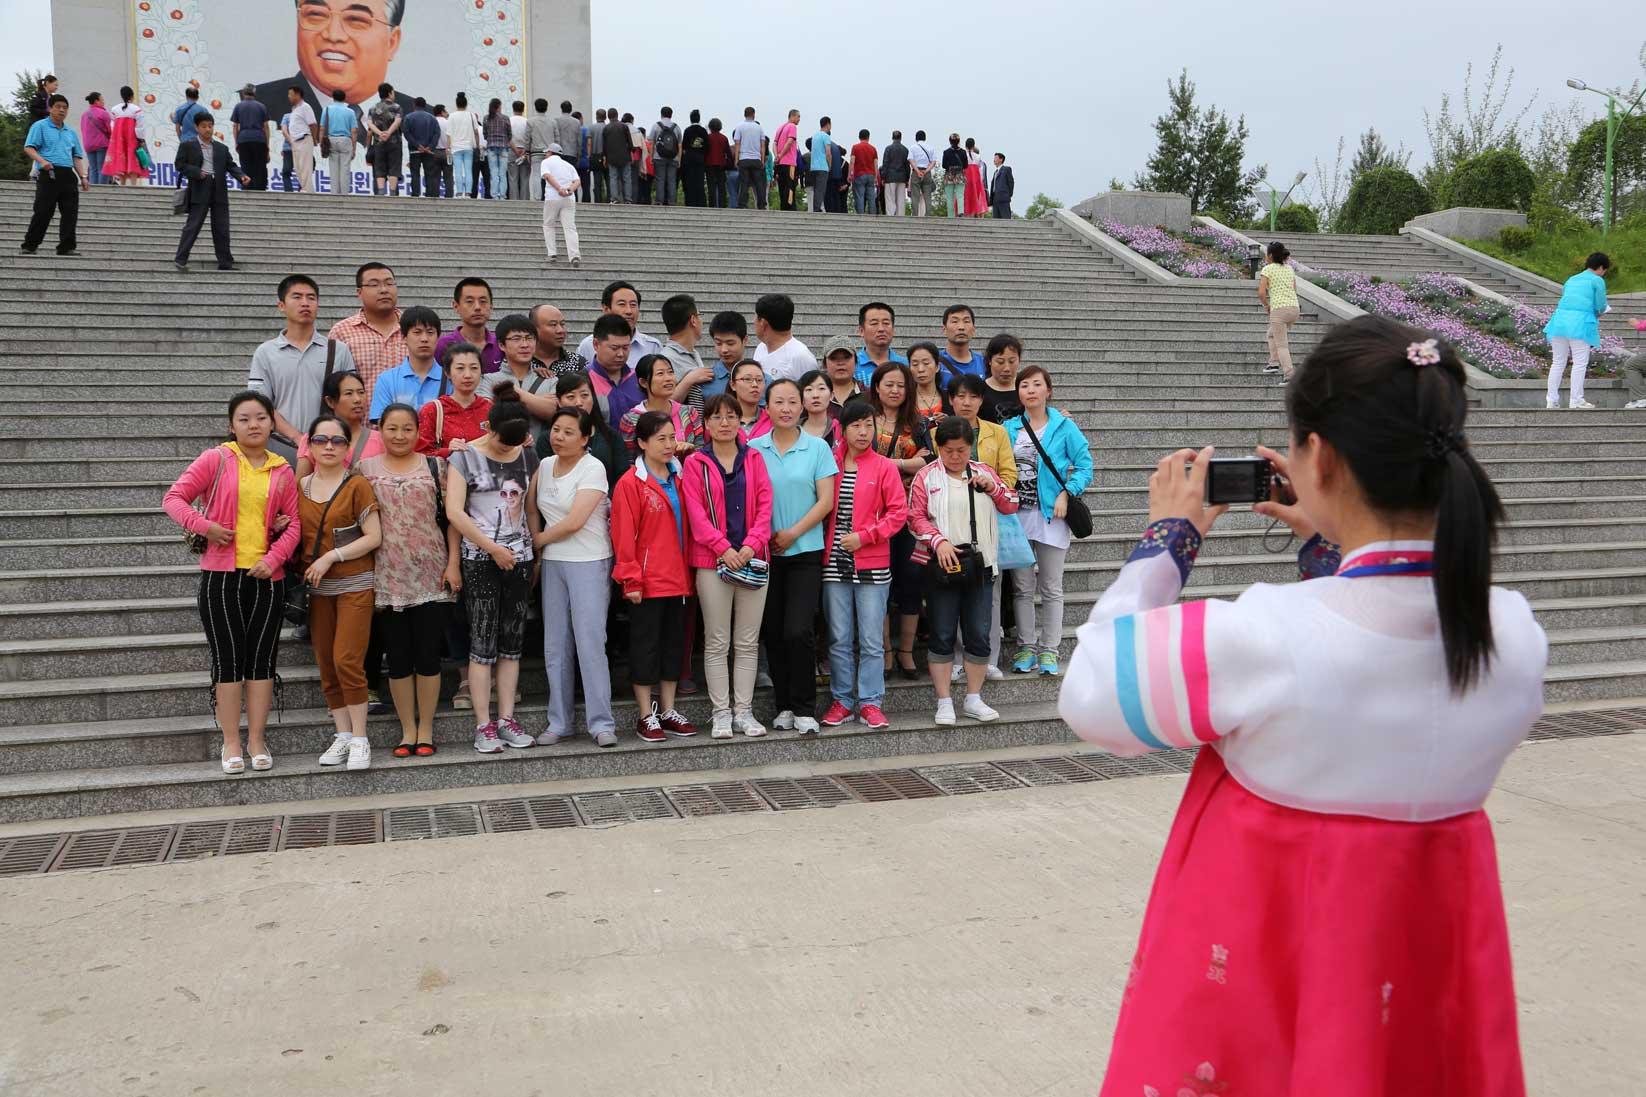 羅先(北朝鮮)で見かけた中国人観光客たち_b0235153_1613229.jpg